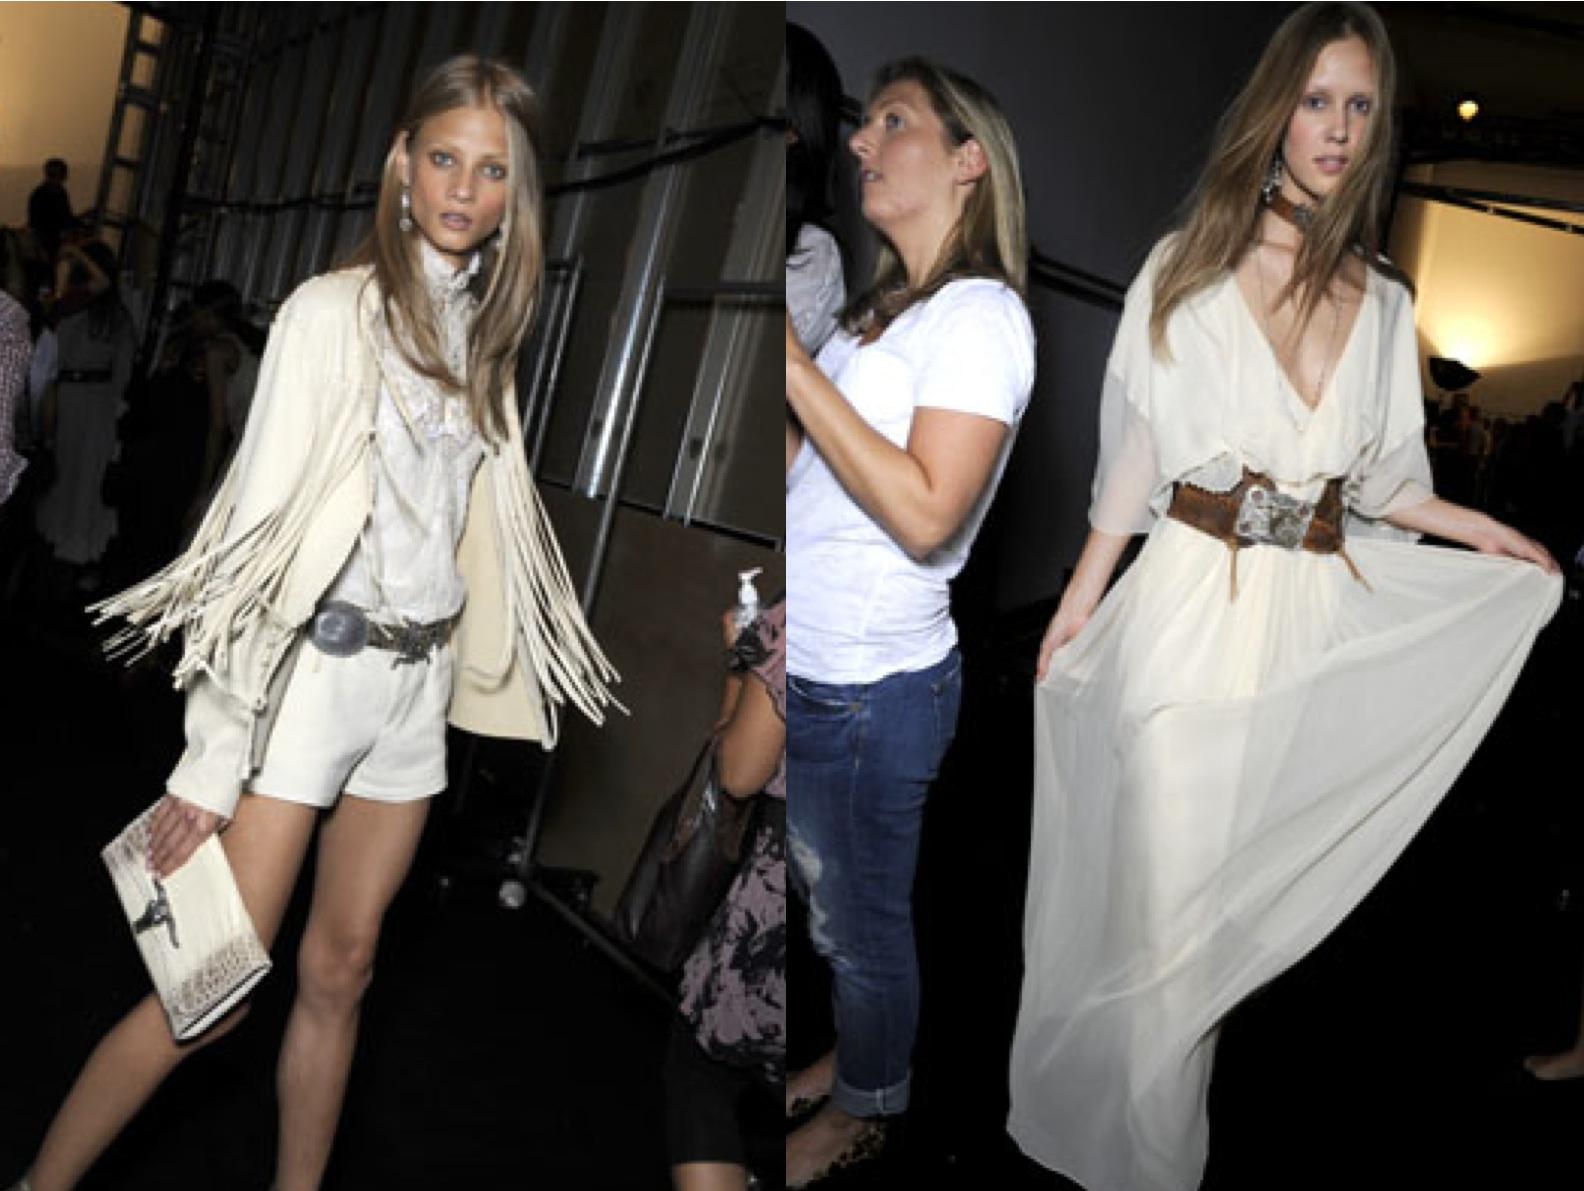 http://4.bp.blogspot.com/_PfmV3qvy8FY/TM-T5WOlDSI/AAAAAAAAAMw/pnnI12Ornp8/s1600/la+modella+mafia+Backstage+at+Ralph+Lauren+ss11+via+gobackstage+.jpg